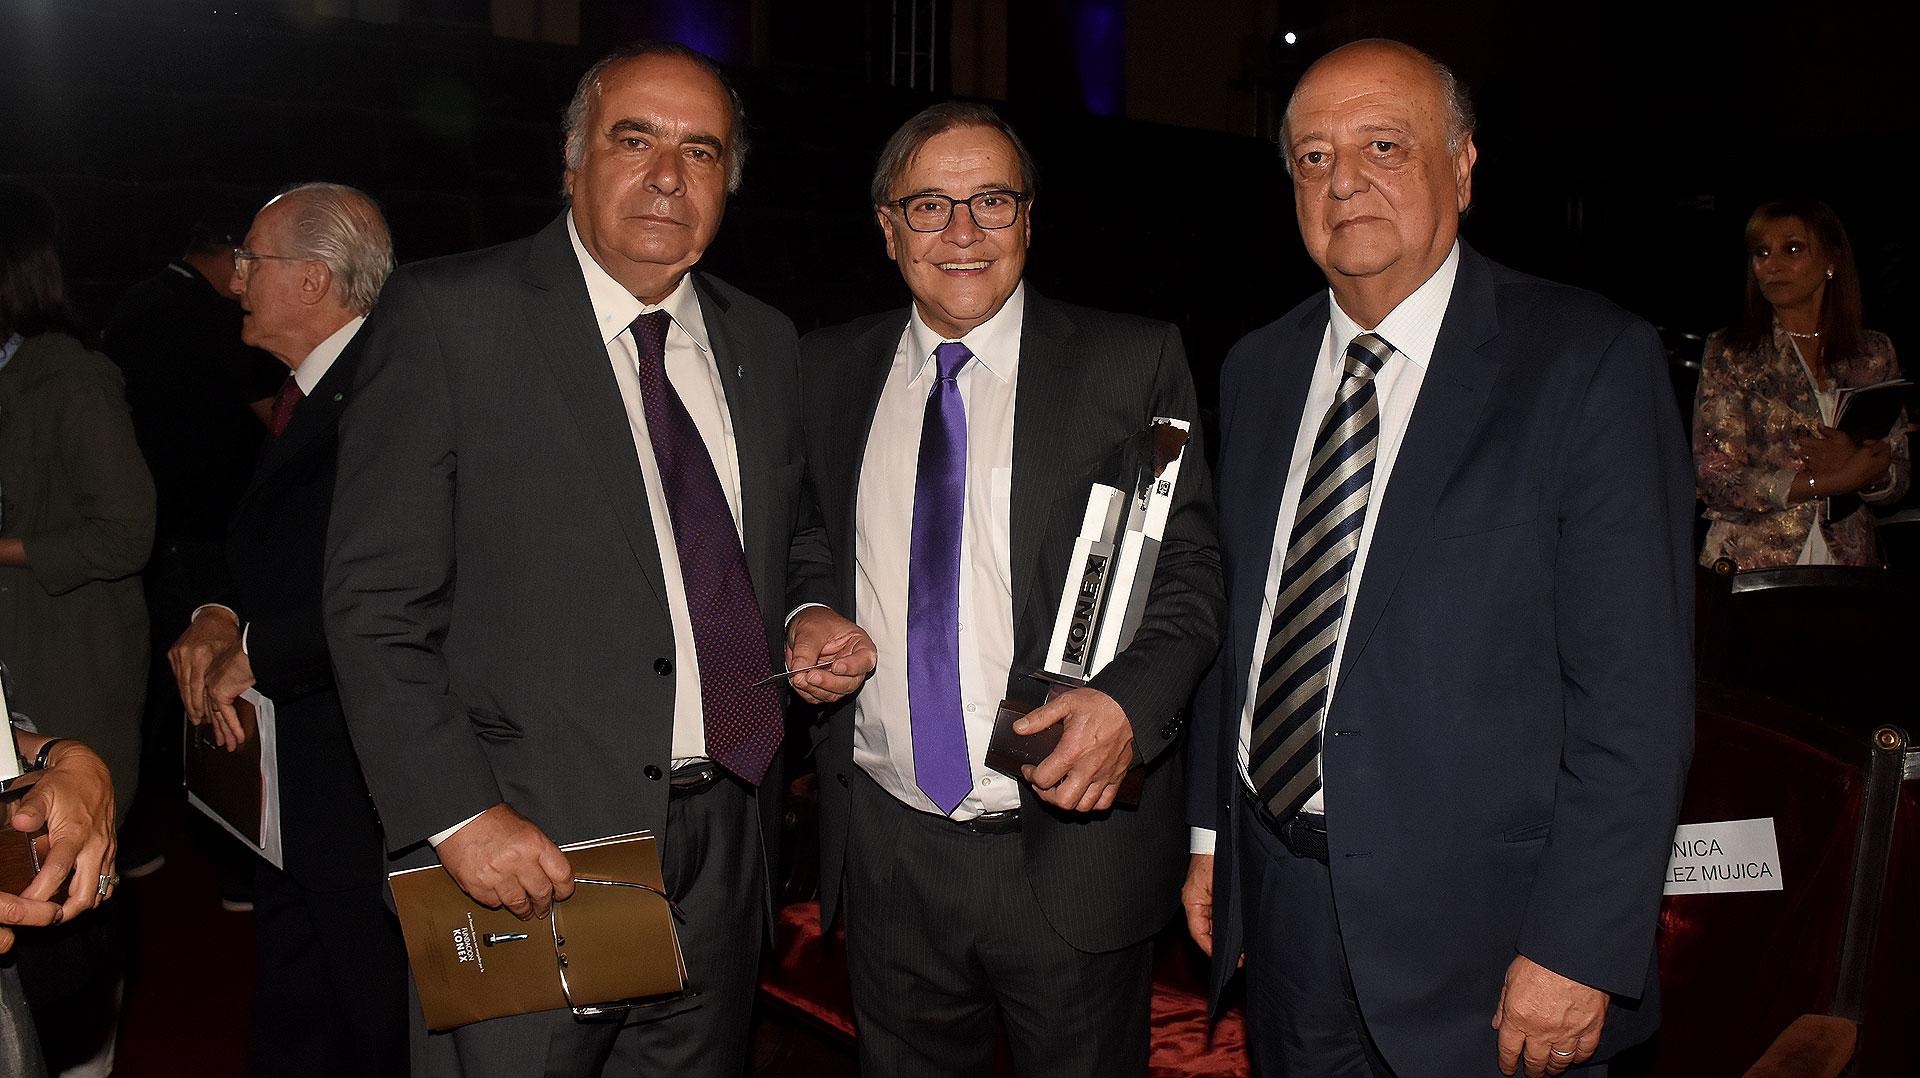 El embajador de Uruguay en la Argentina, Héctor Lescano; el ganador del Konex Mercosur Uruguay, Jorge Traverso; y el embajador de Chile en nuestro país, José Antonio Viera-Gallo